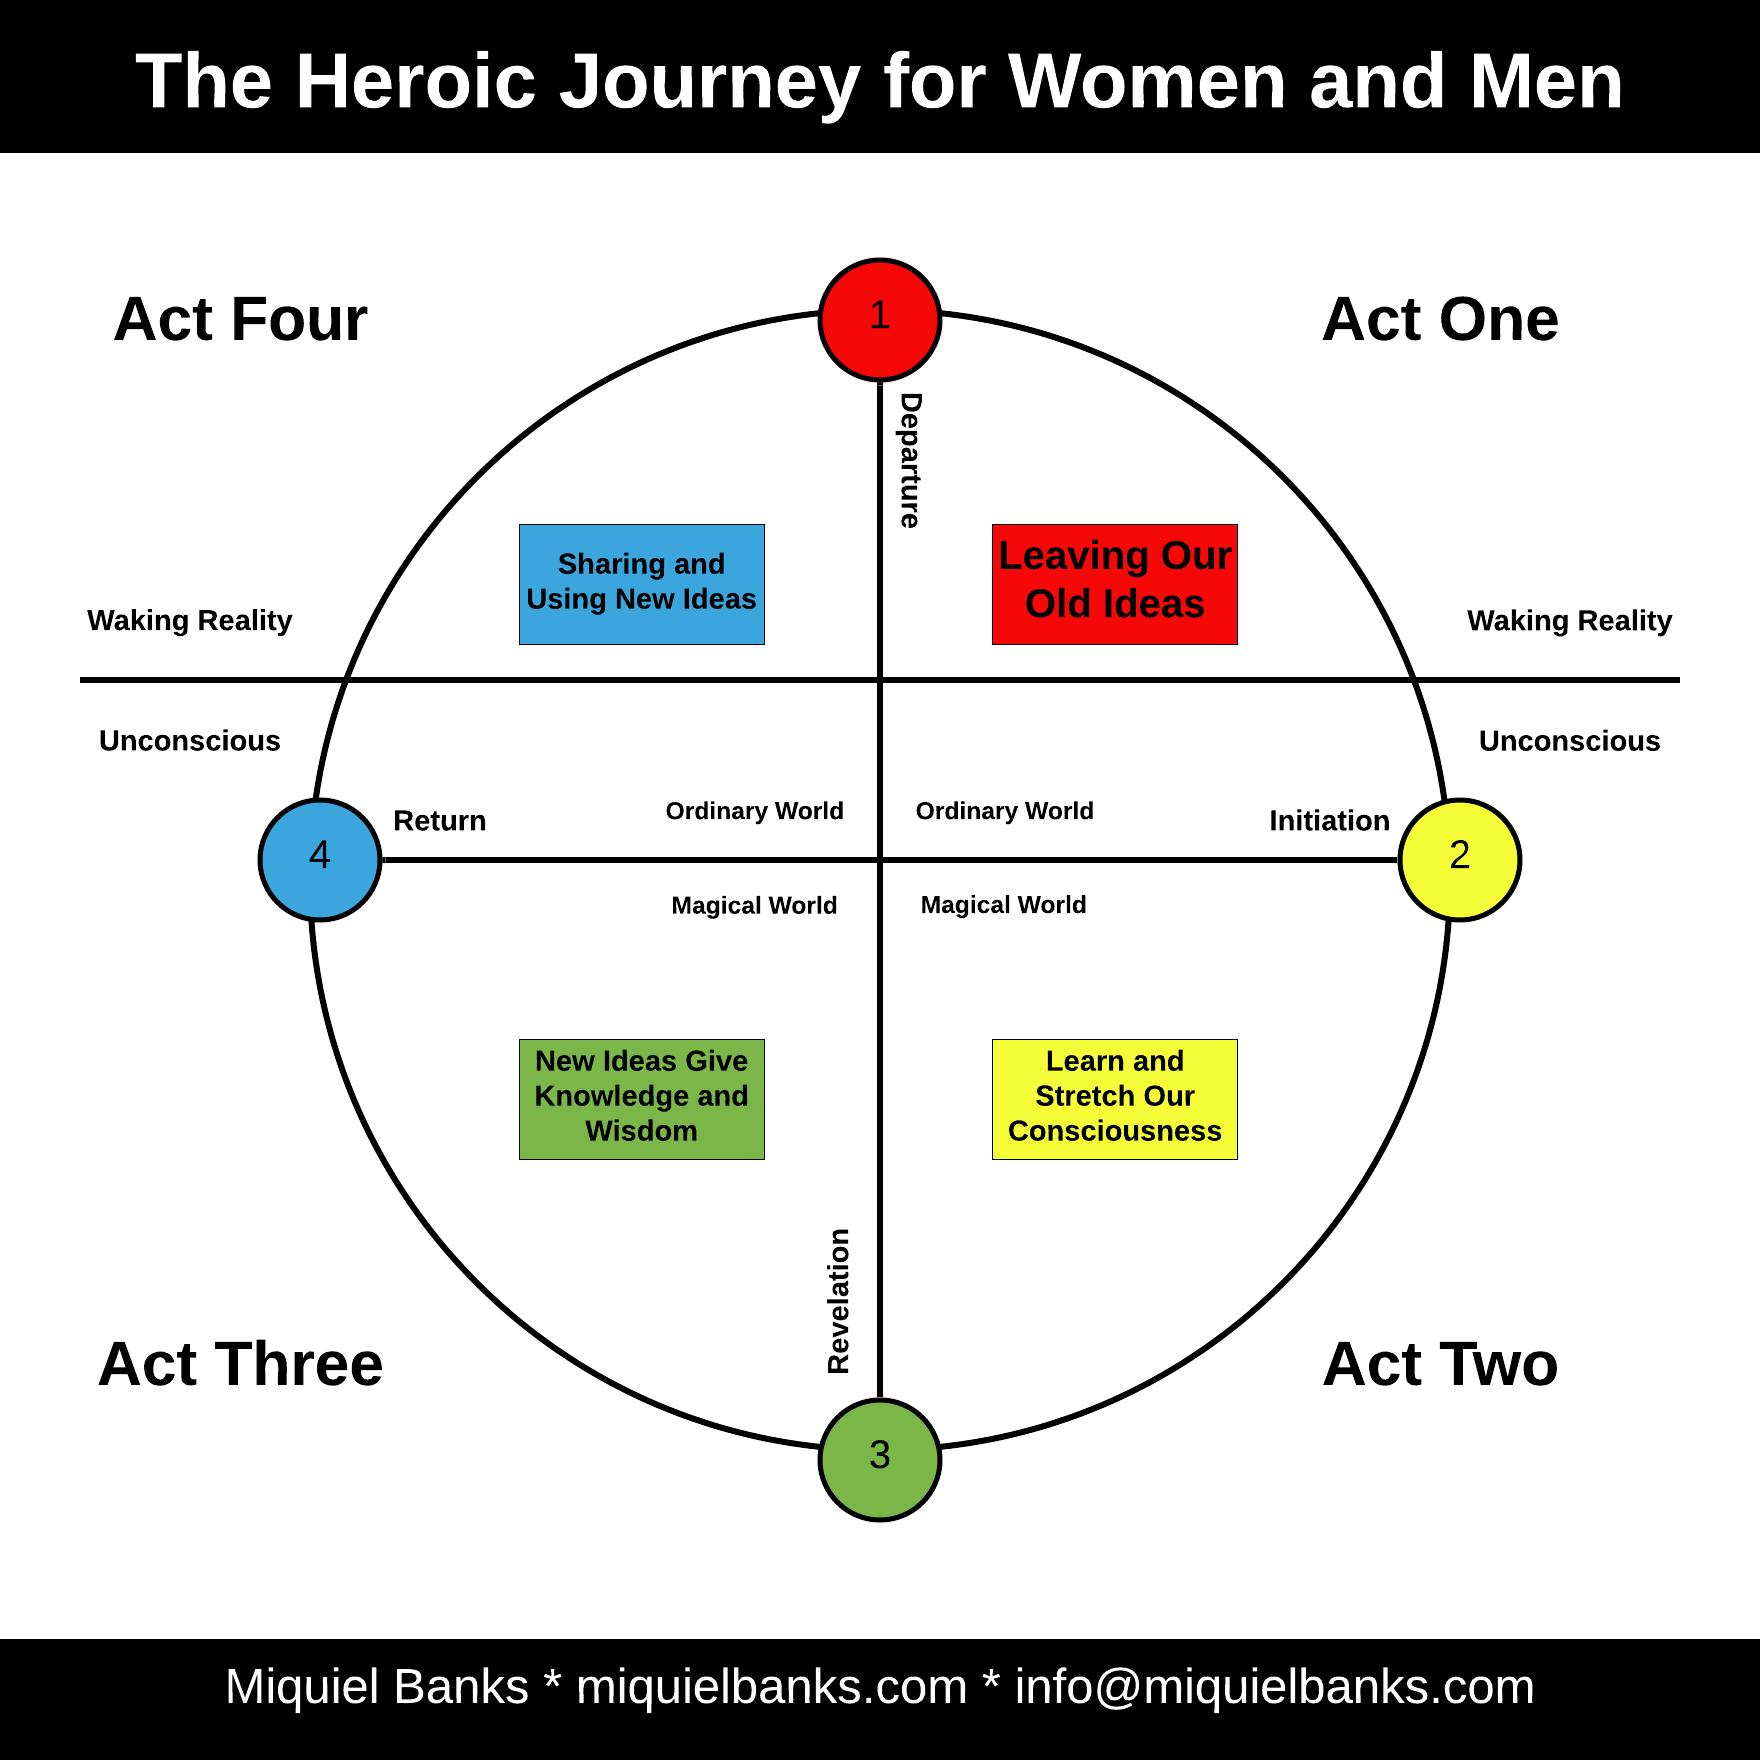 Blog 13 - Heroic Journey for Women and Men